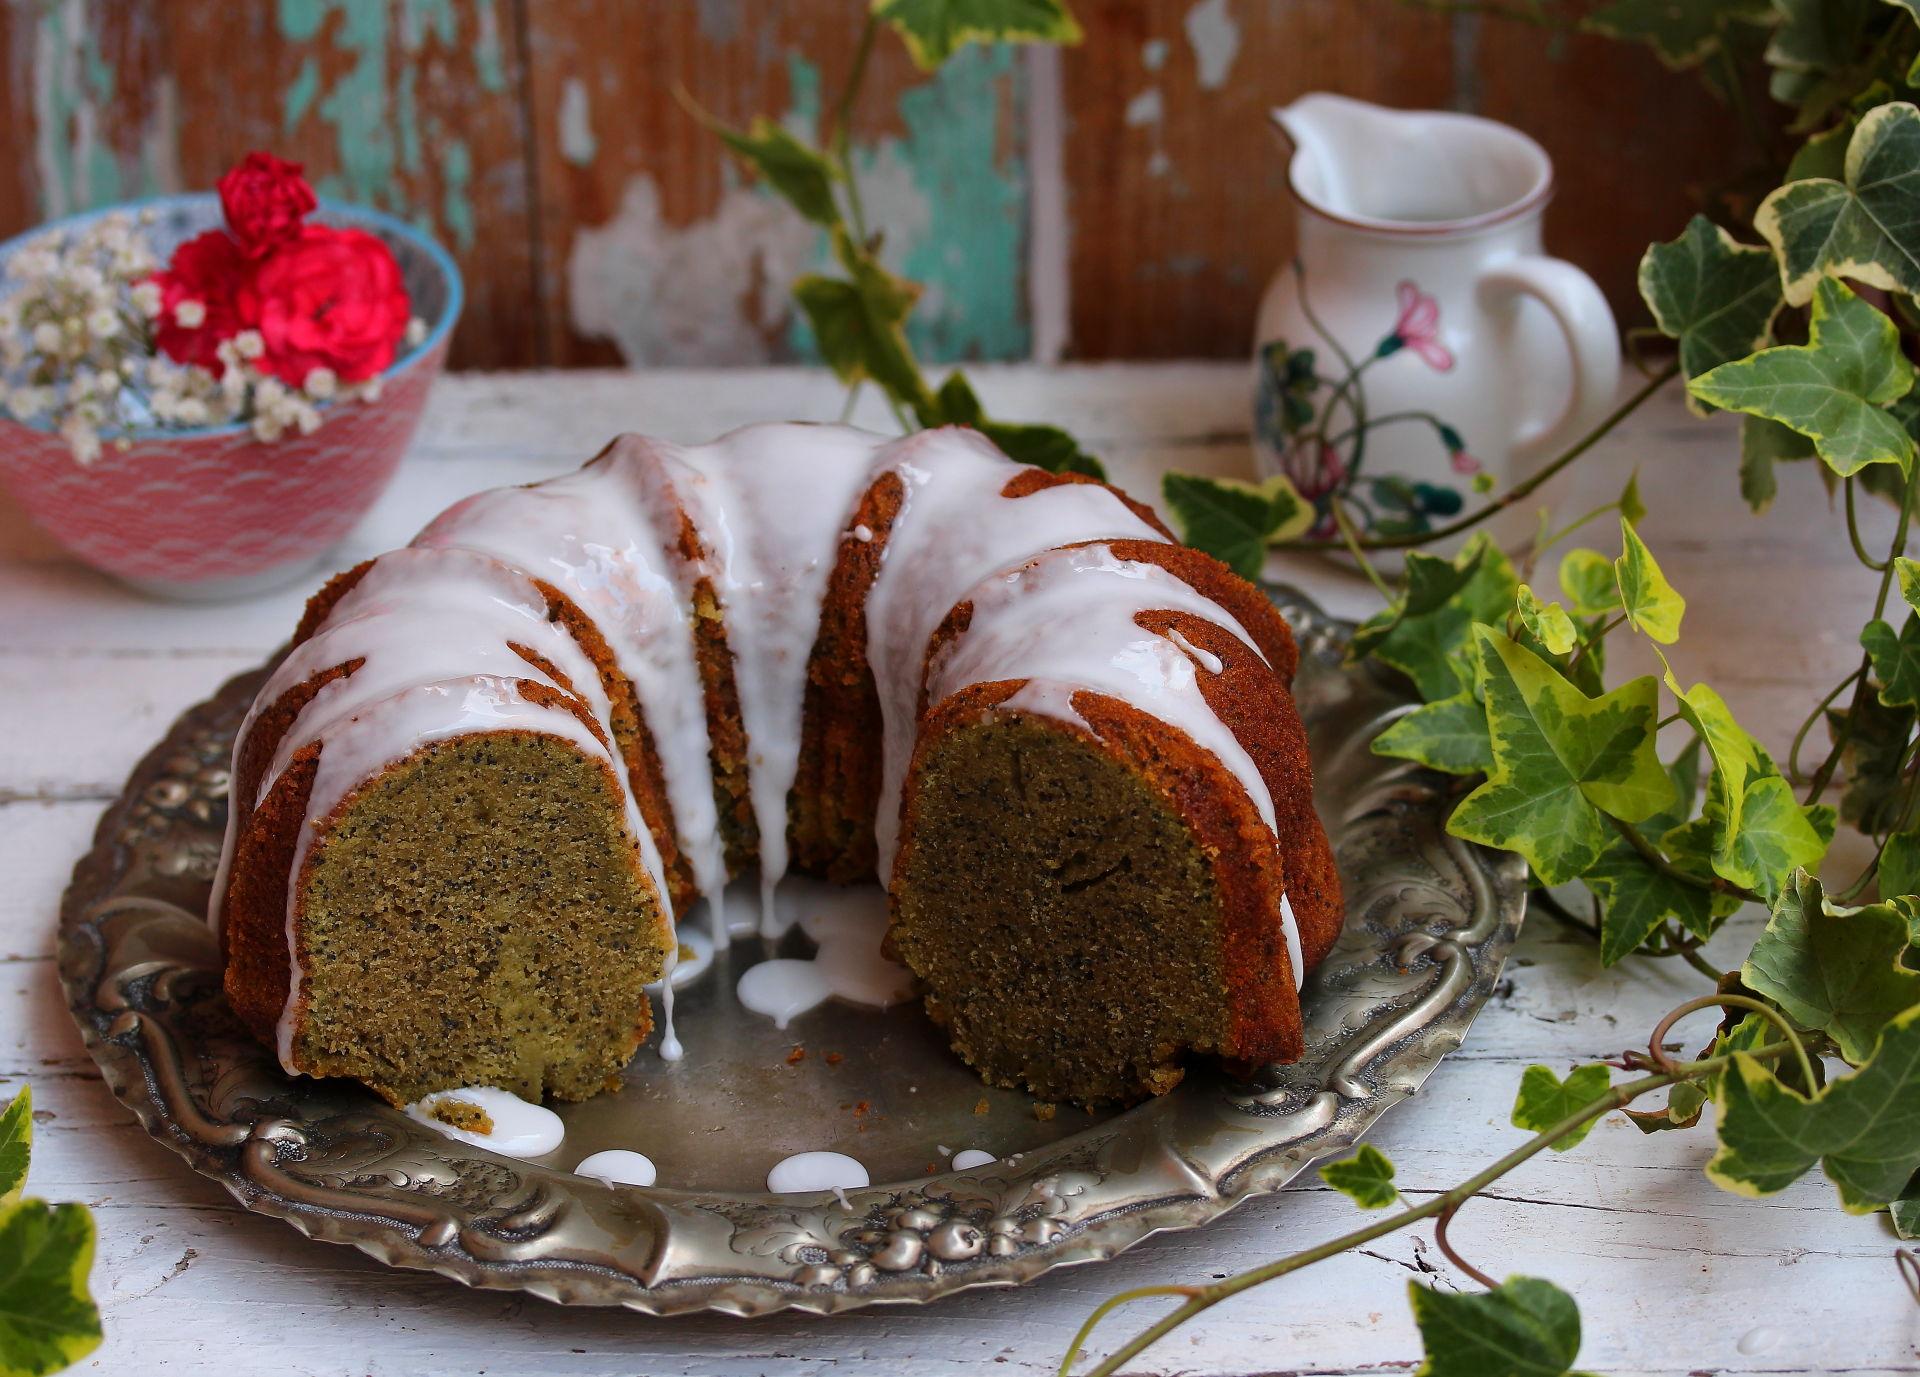 Dolci Da Credenza Su Alice Tv : Torte da credenza u idea di immagine del torta